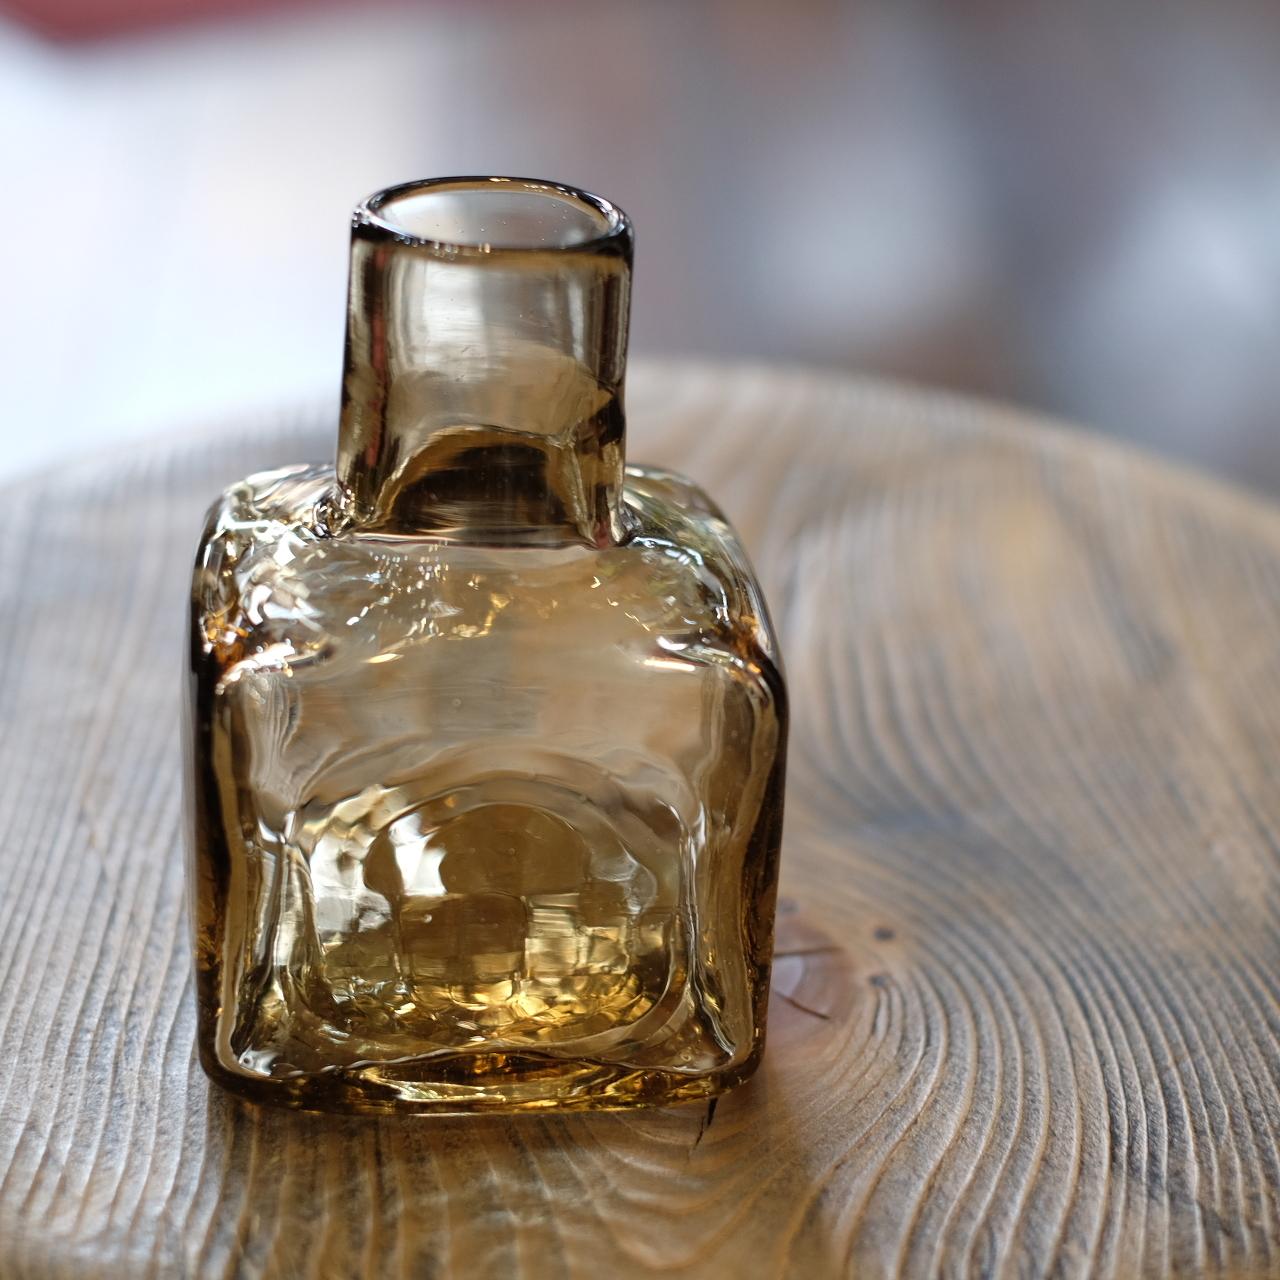 石川硝子工藝舎 角小瓶(薄茶色) 石川昌浩